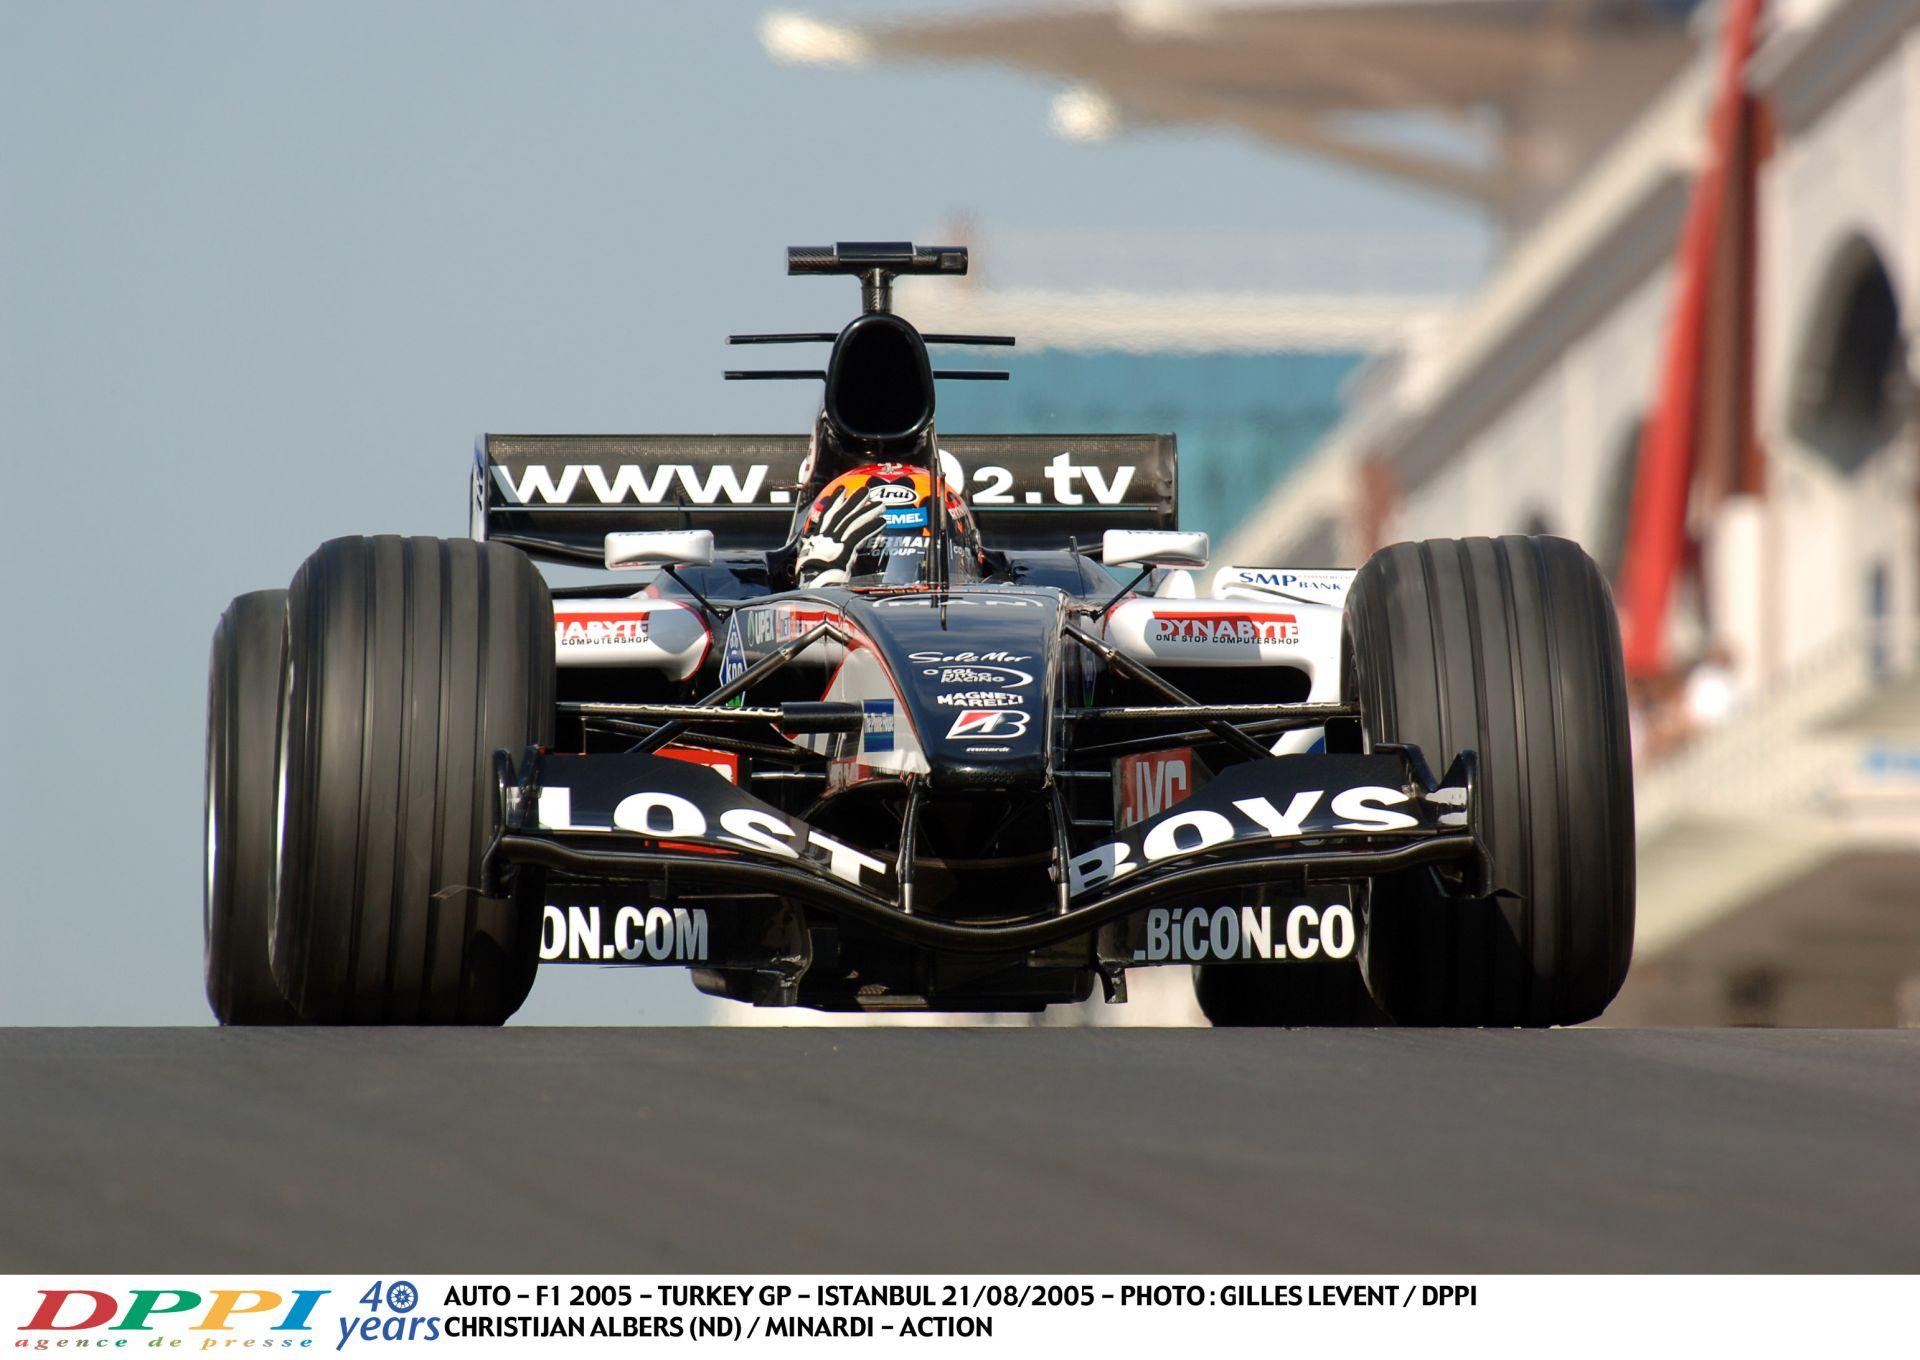 Minardi és az utolsó év a Forma-1-ben: V10-es búcsú